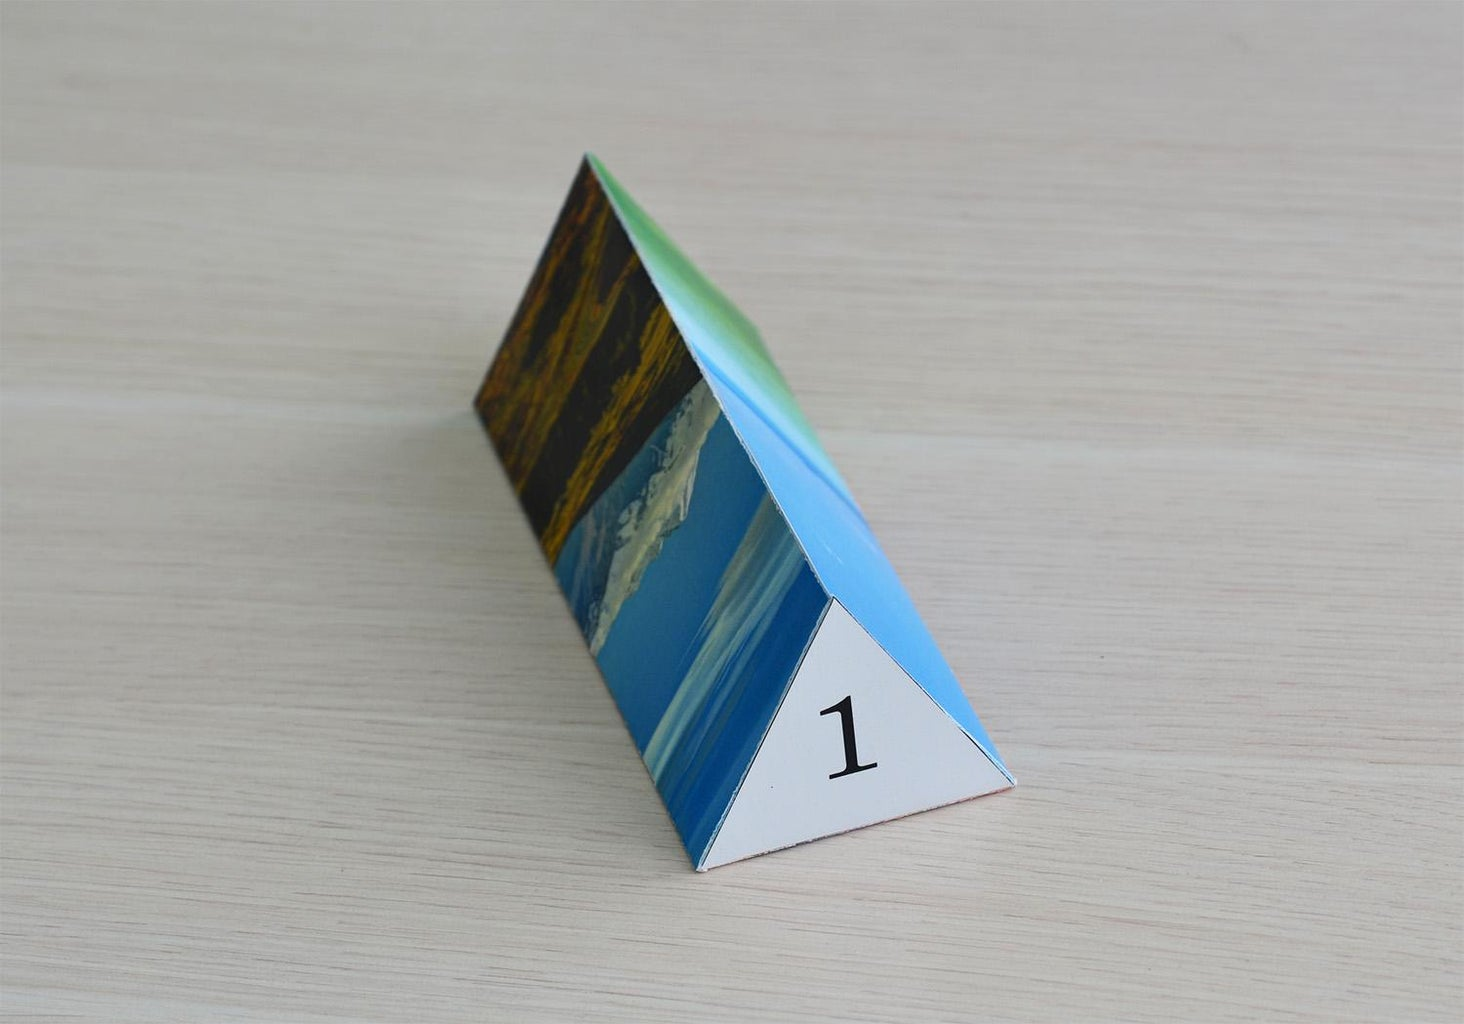 How to Make a Regular Triangular Prism